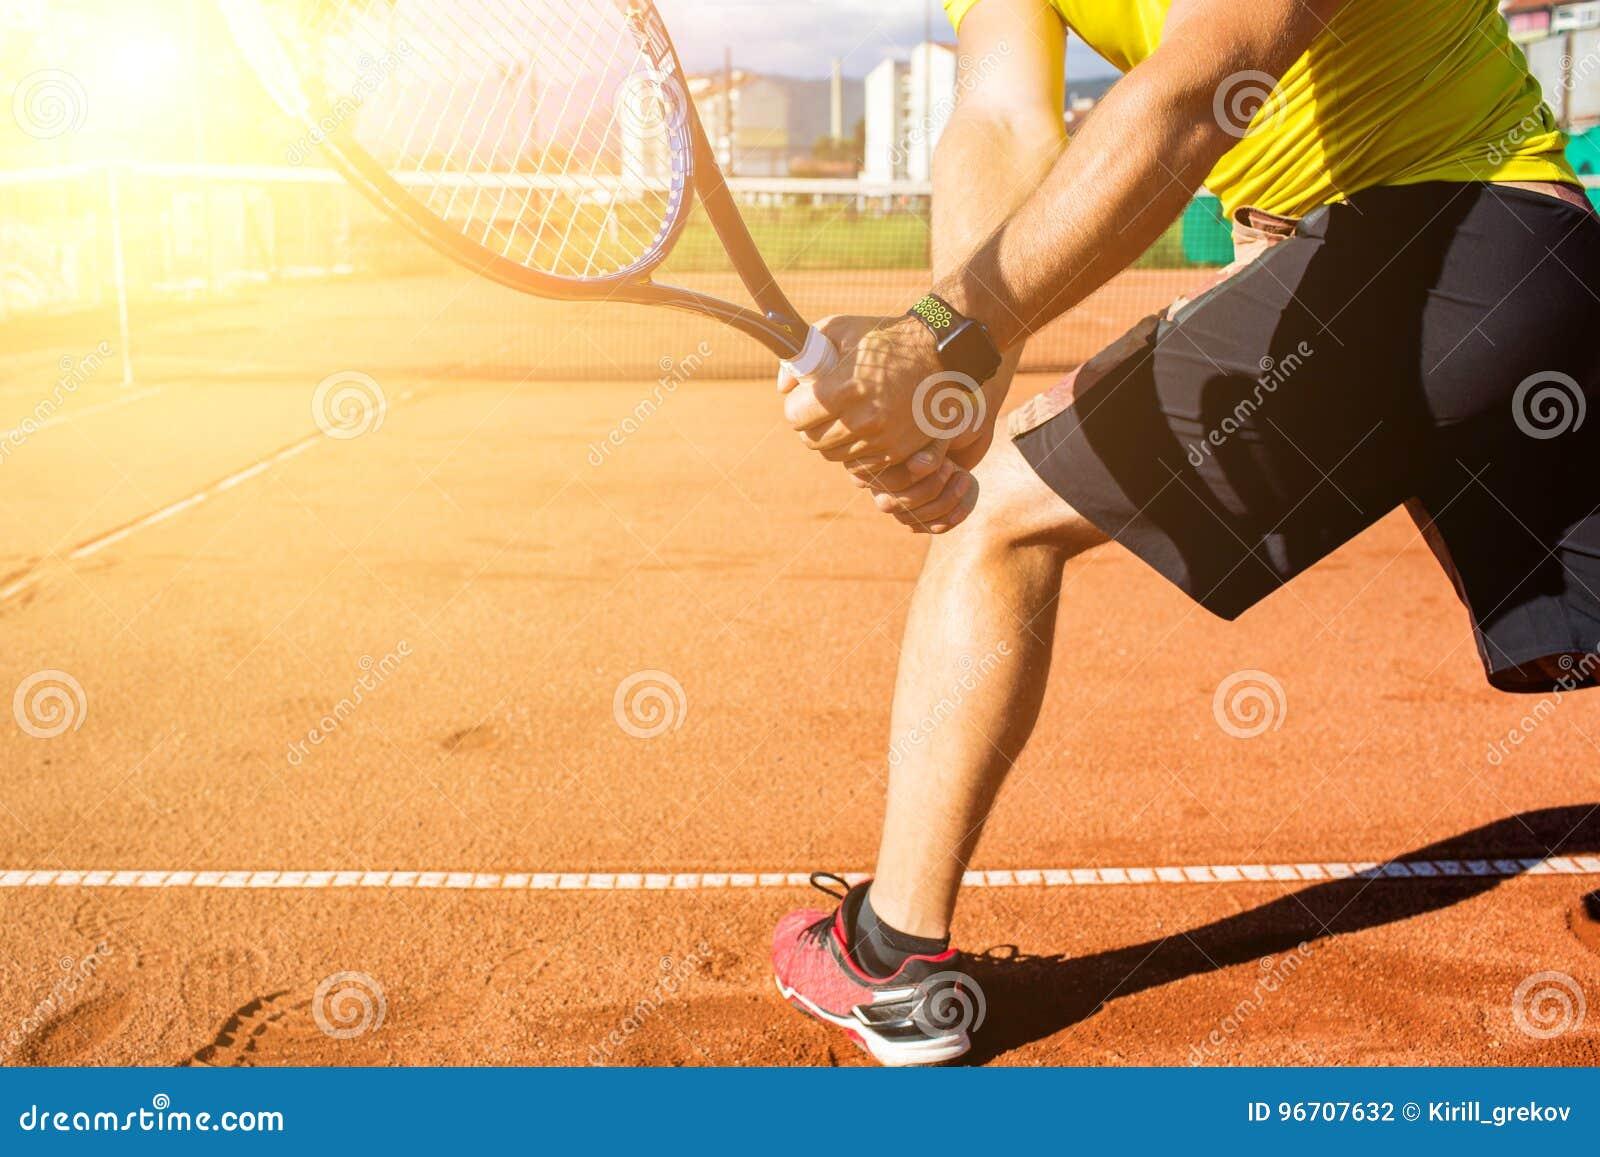 Мужская рука с ракеткой тенниса